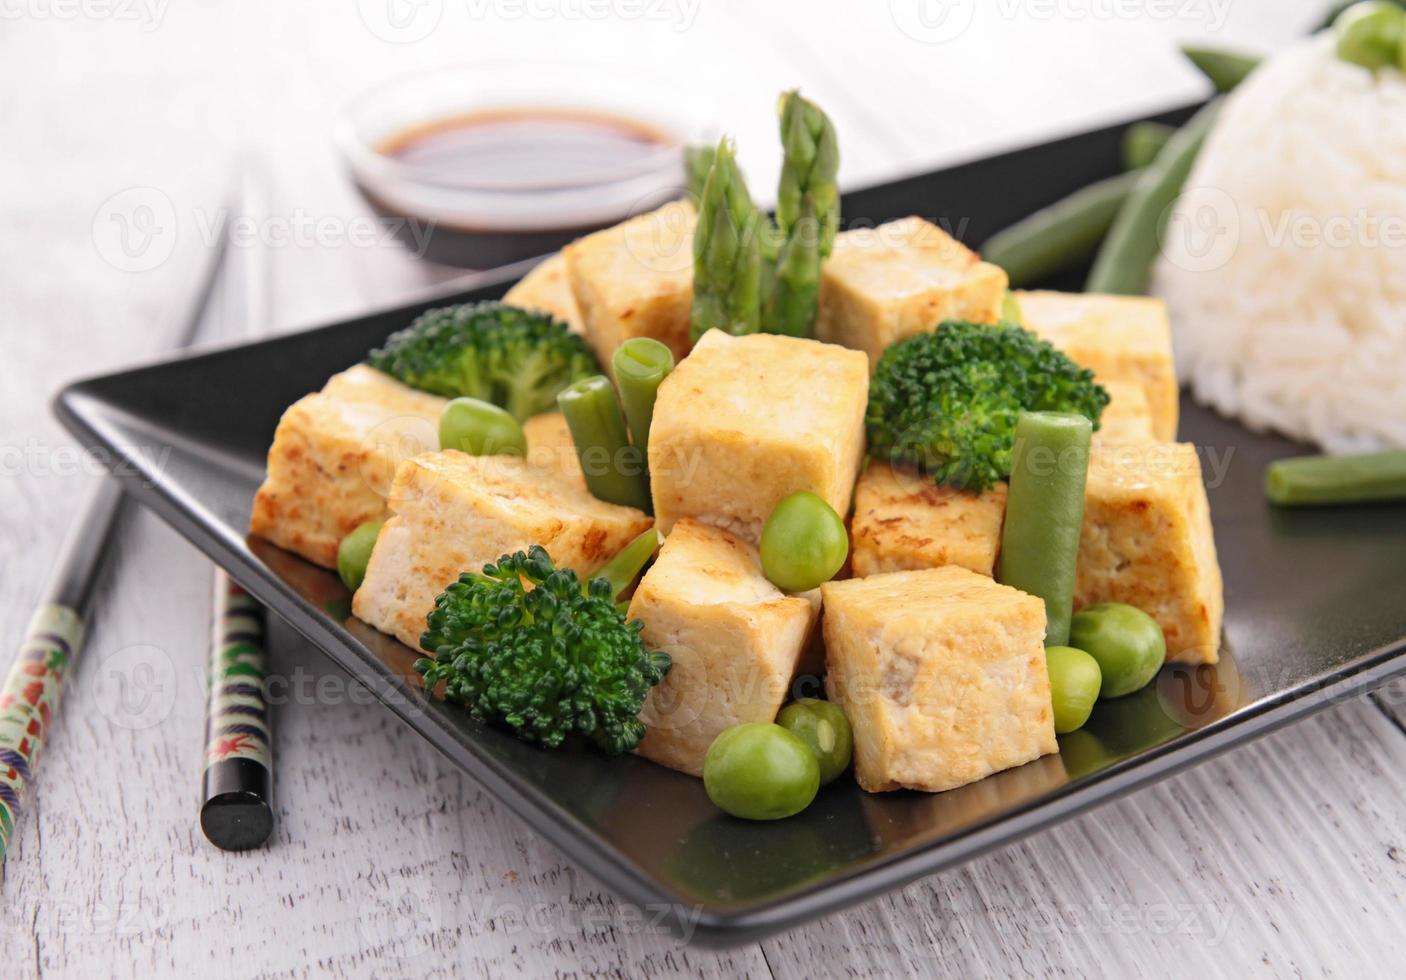 tofu a la plancha con verduras y arroz foto